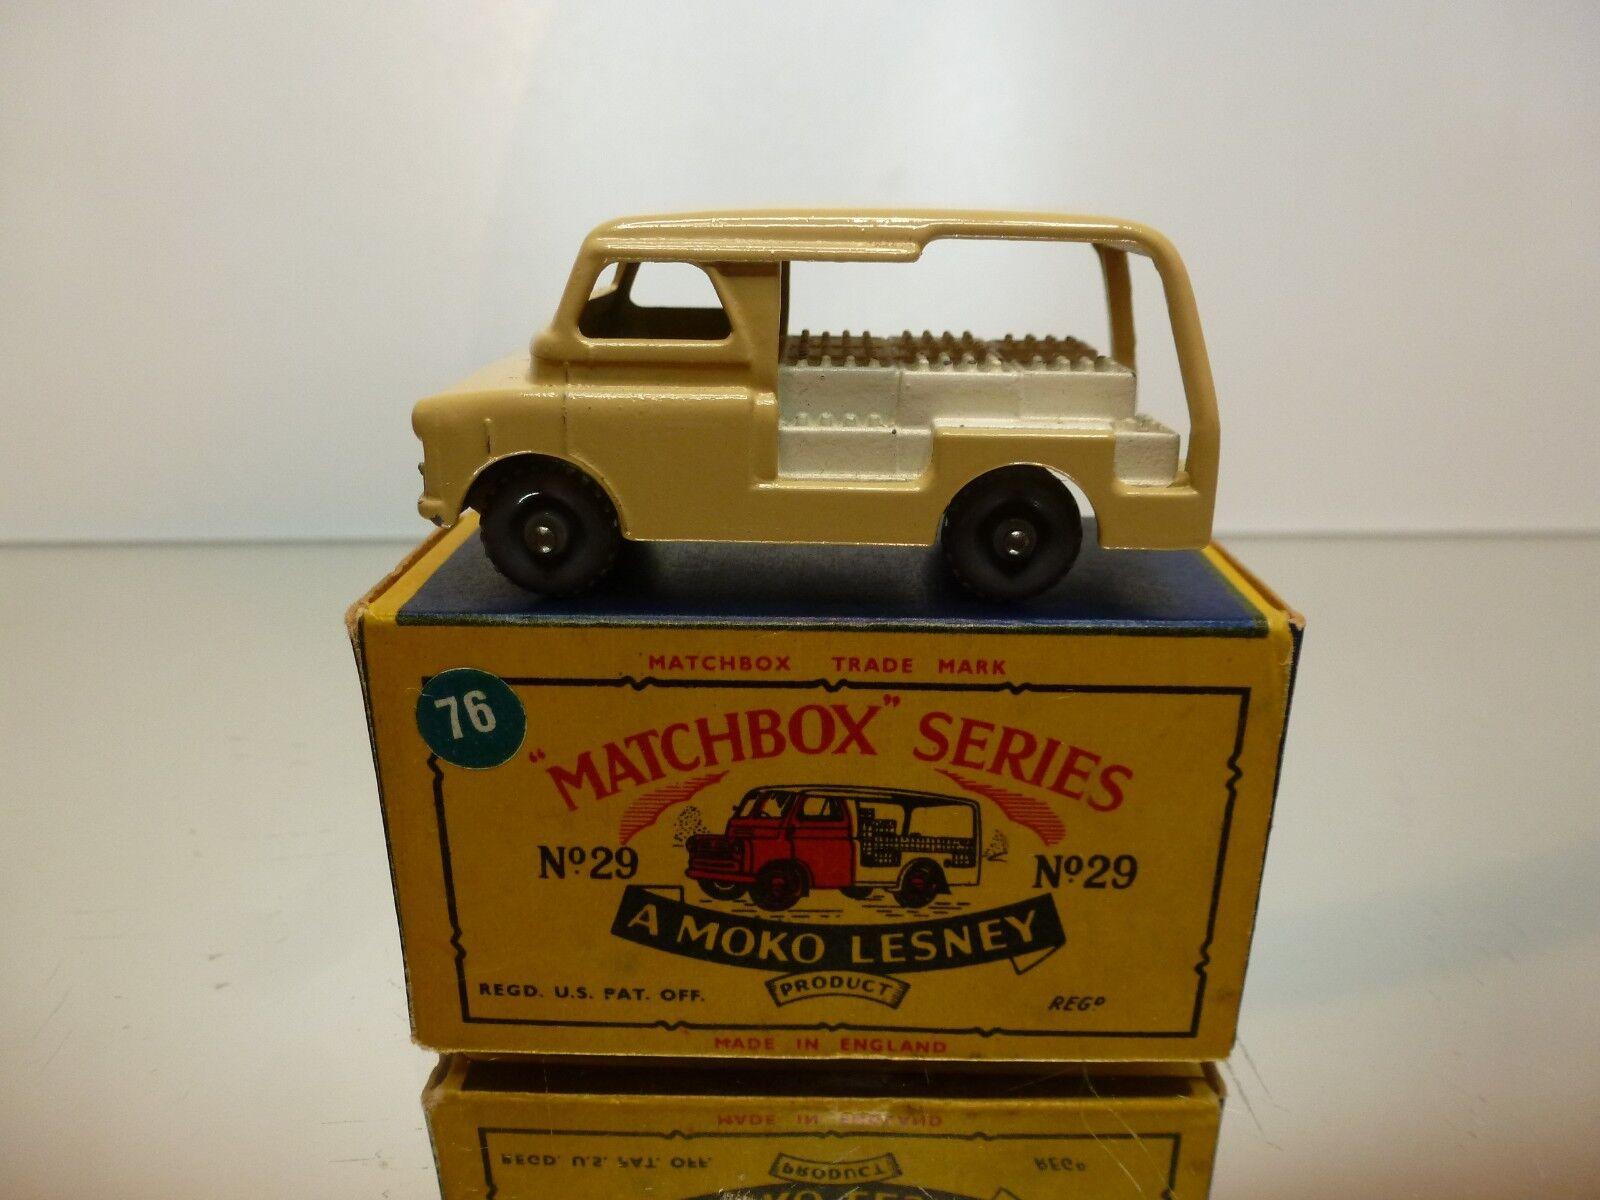 LESNEY MOKO MATCHBOX 29 BEDFORD MILK VAN - CREAM marron - EXCELLENT  IN BOX